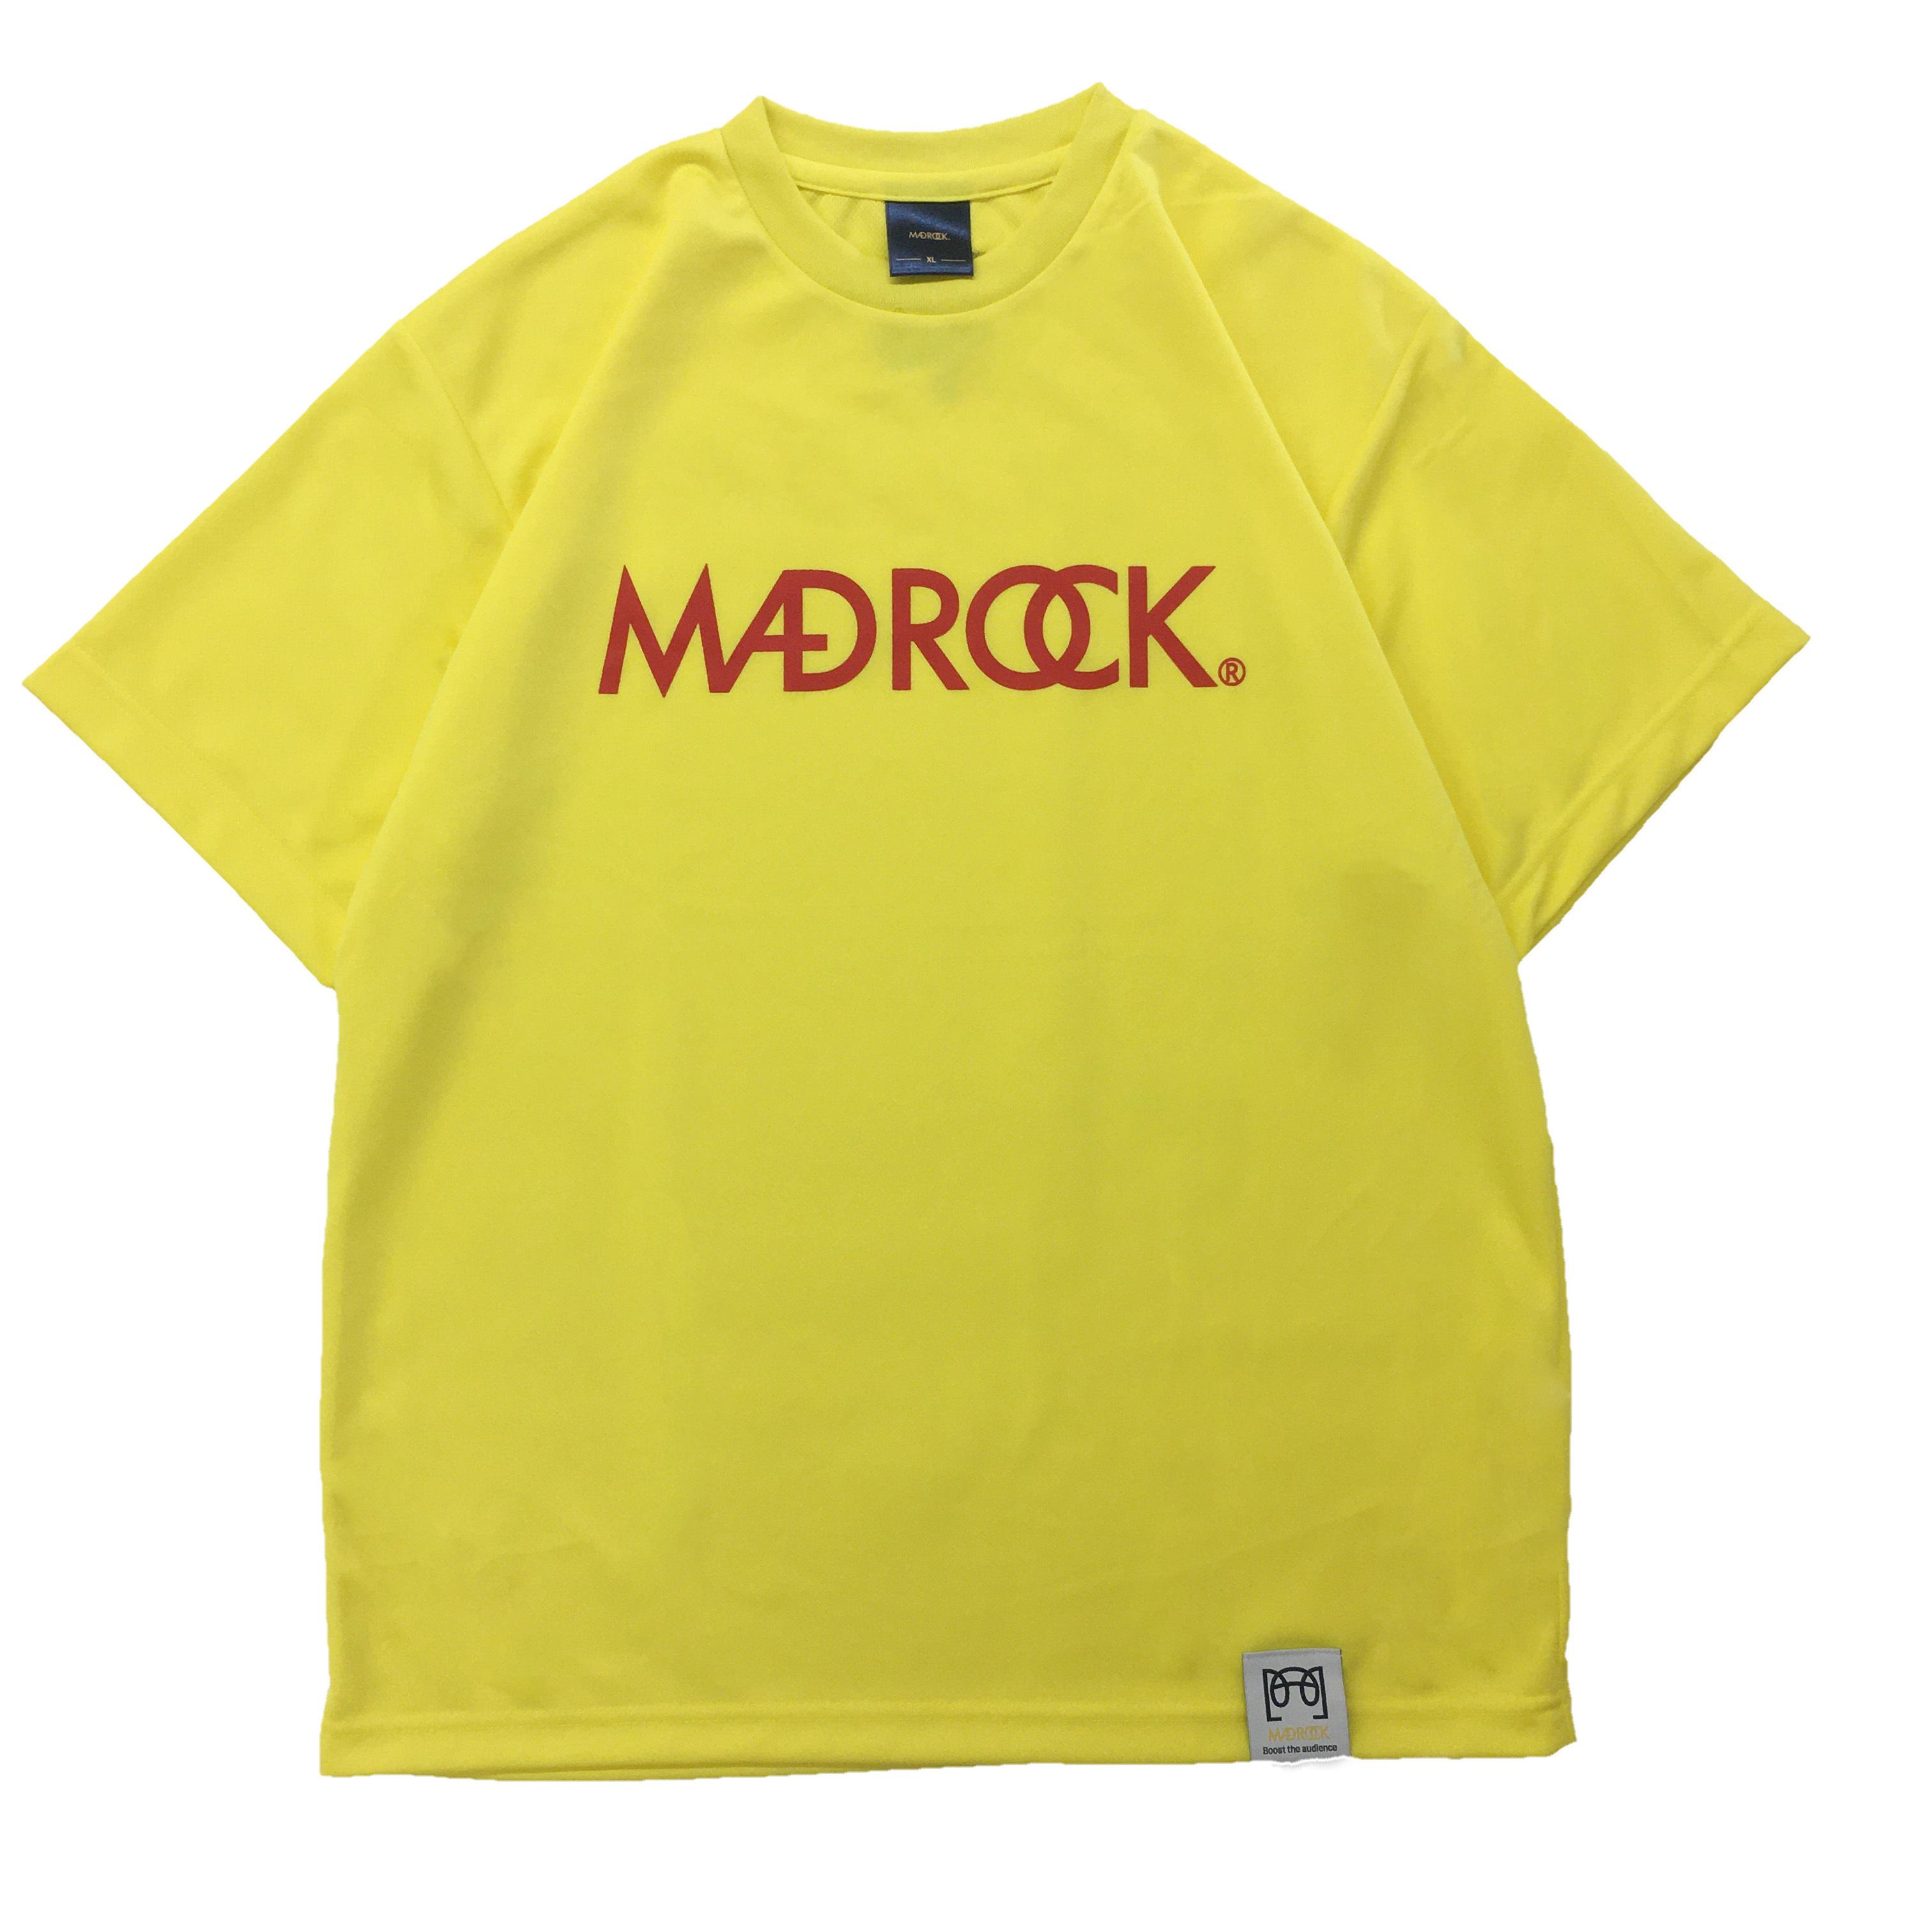 【新作/オンラインストア限定】マッドロックロゴ Tシャツ / ドライタイプ / イエロー & レッド